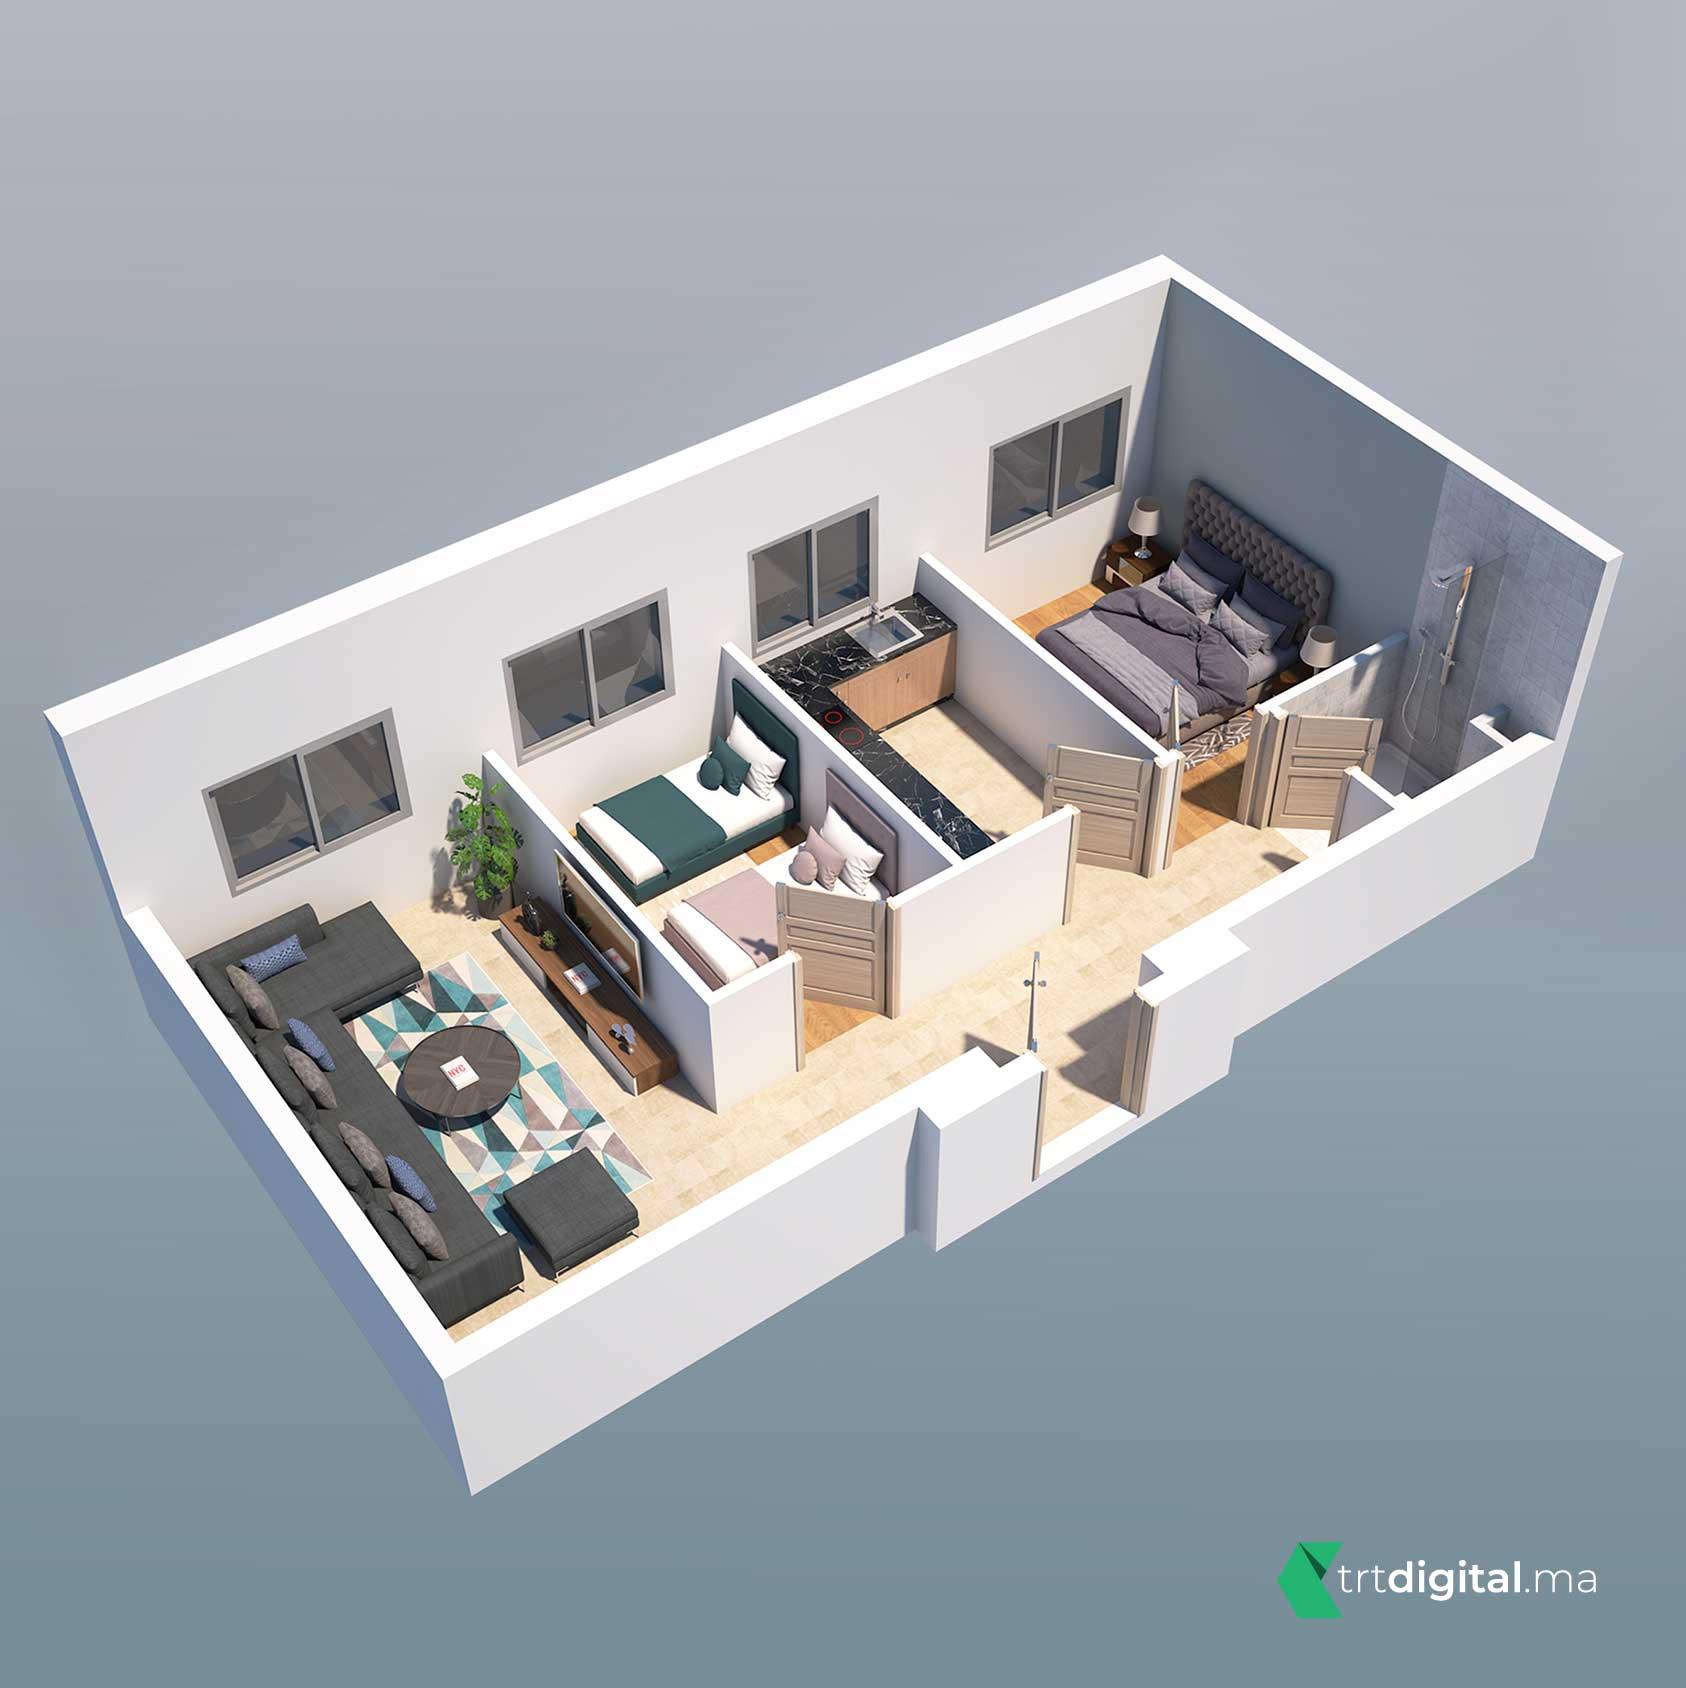 iCom-Agence-de-Communication-au-Maroc-Casablanca-creation-photo-archetecture-interieur-exterieur-3d2020-05-24 at 4.31.04 PM 21